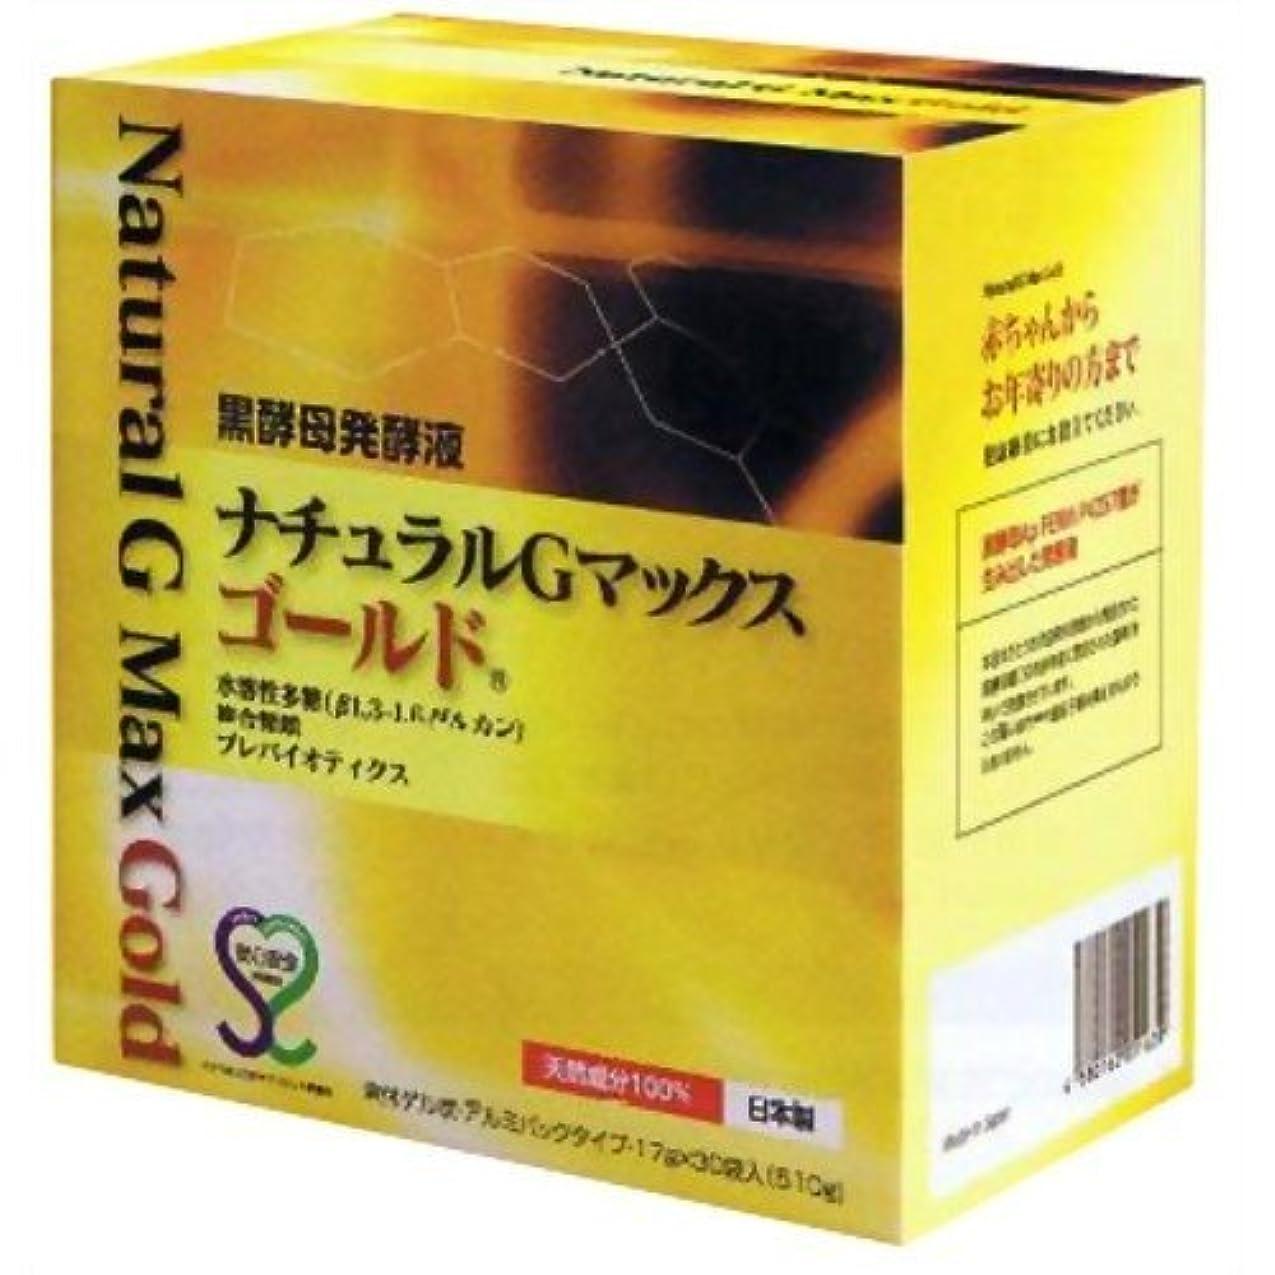 消えるお風呂コーヒー黒酵母発酵液 ナチュラルGマックスゴールド 17g×30袋